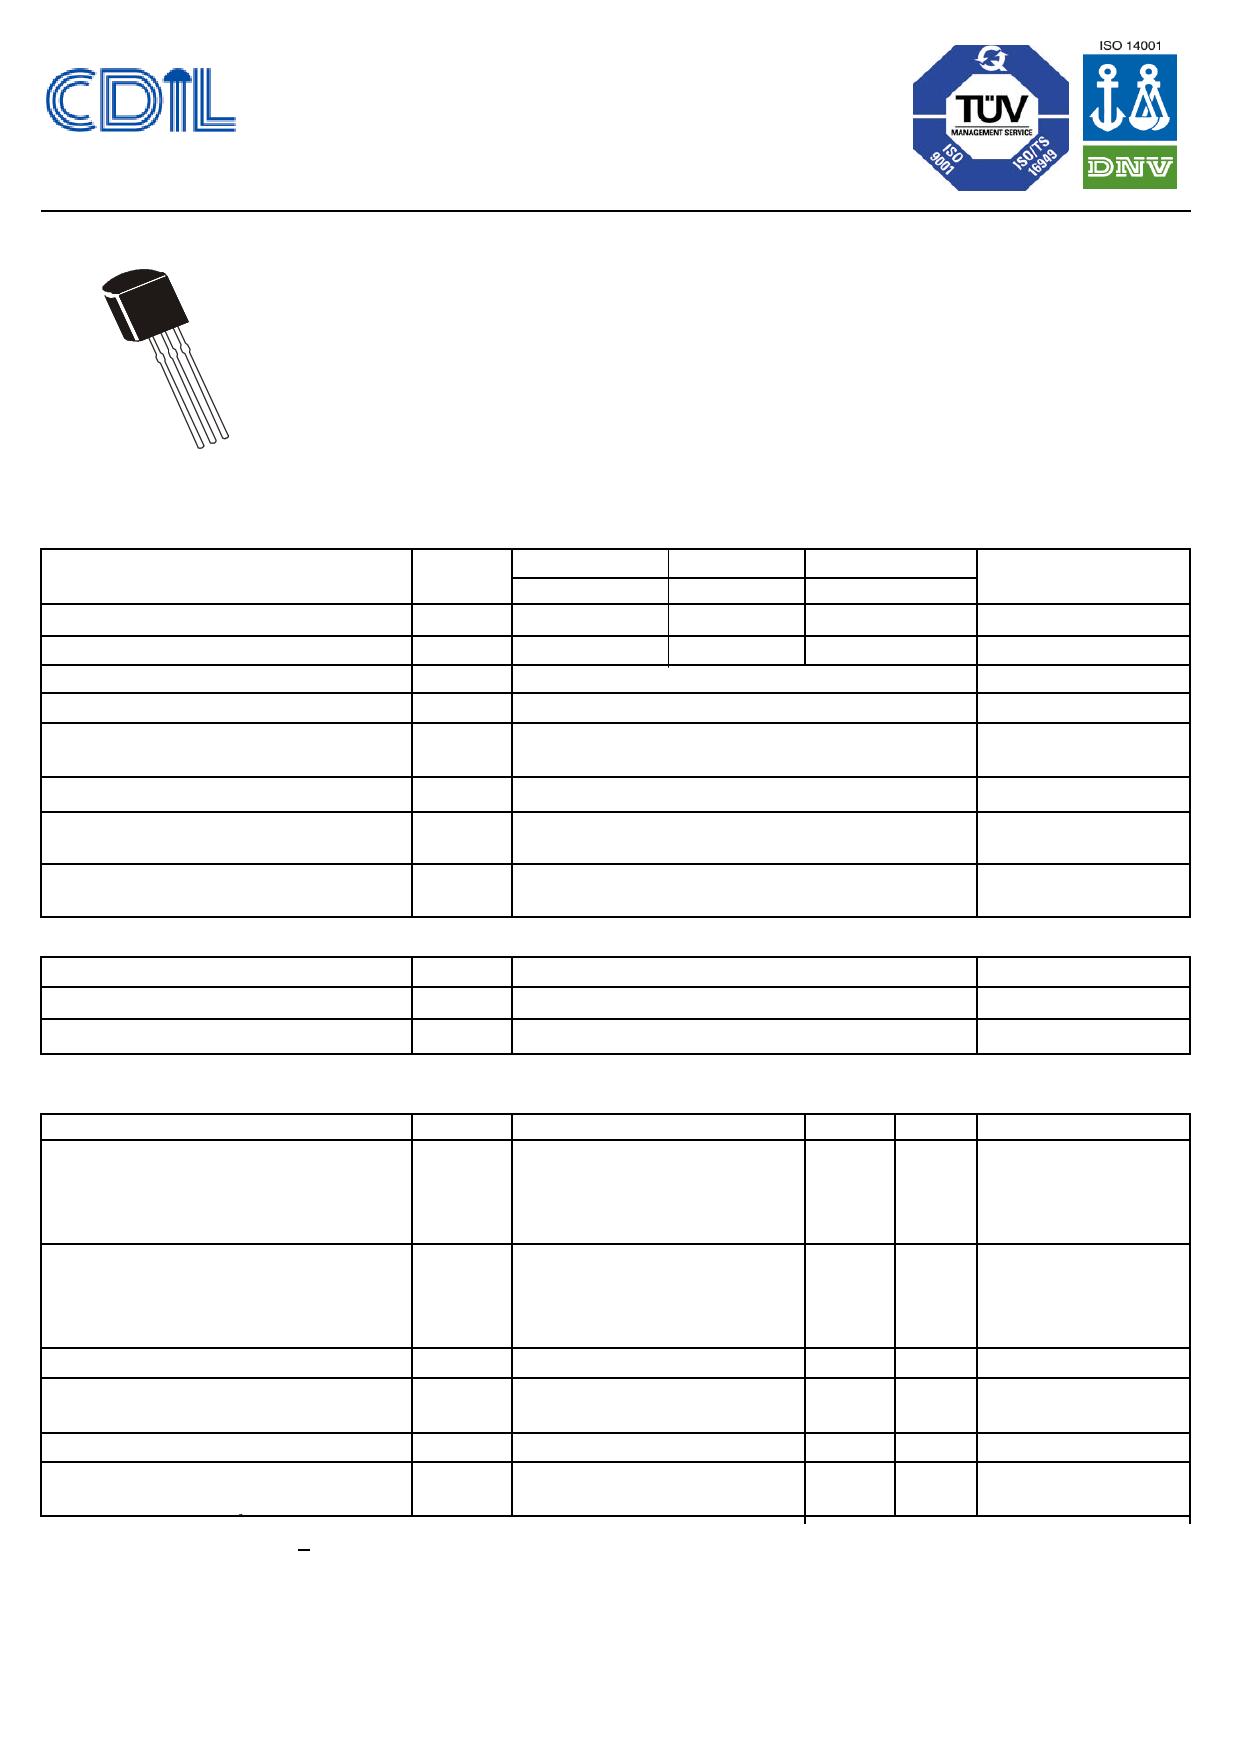 BC636 데이터시트 및 BC636 PDF